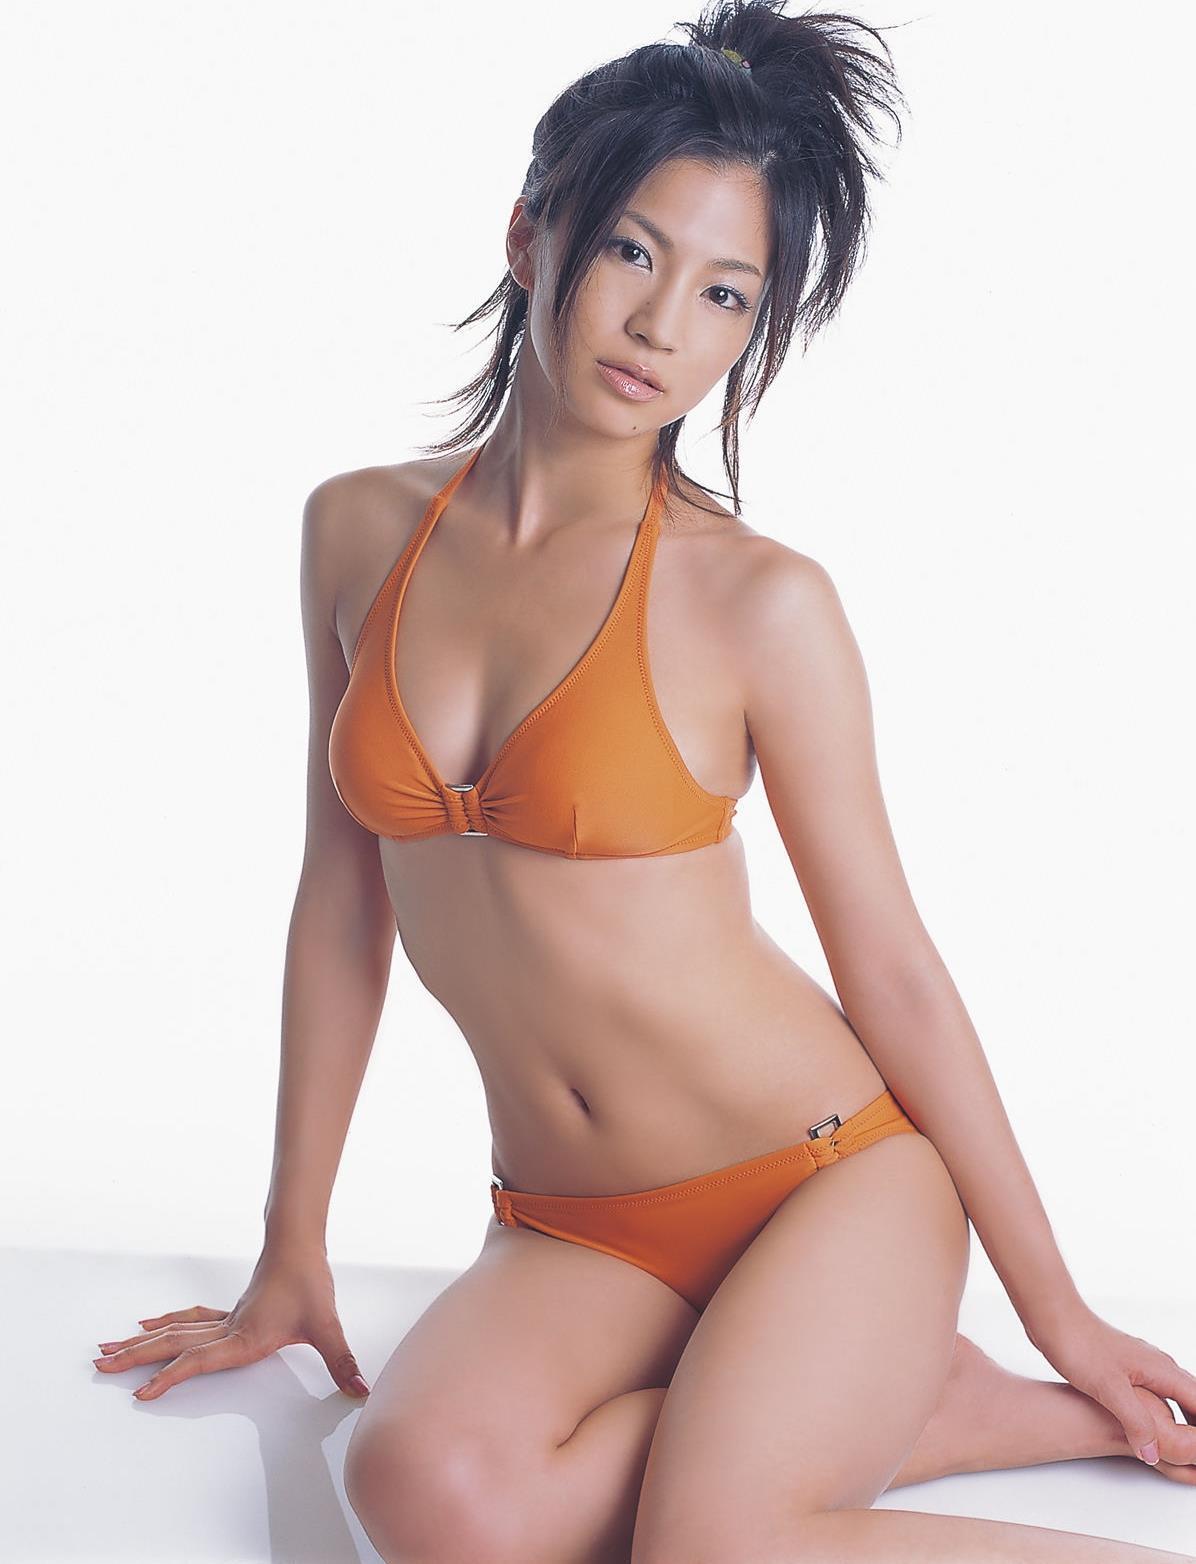 安田美沙子 画像 45